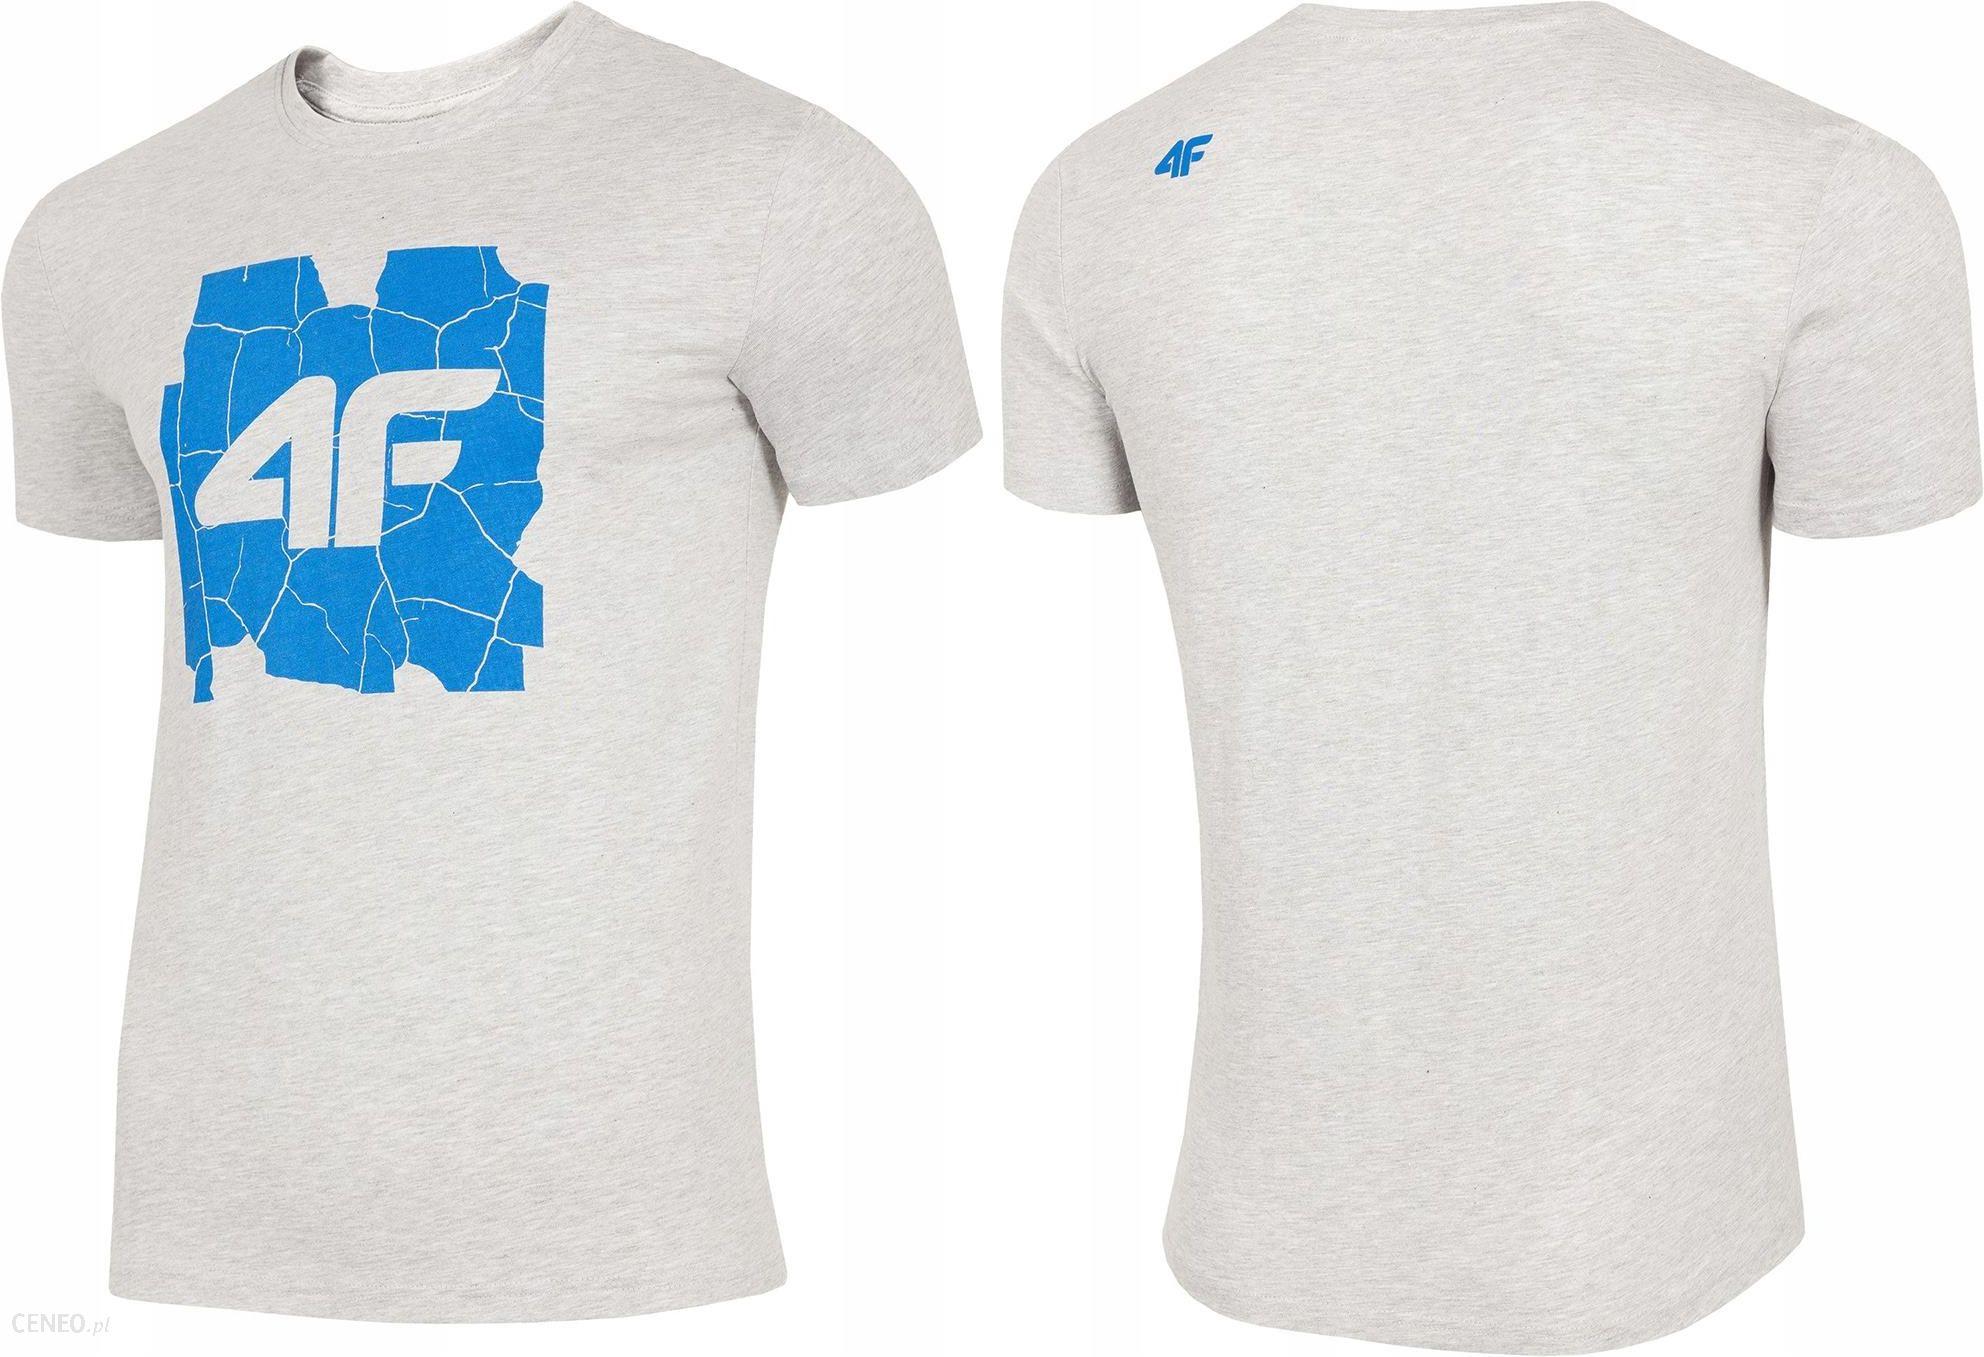 f623280d7 4F Męska Koszulka Bawełniana T-shirt TSM007 XXL - Ceny i opinie ...